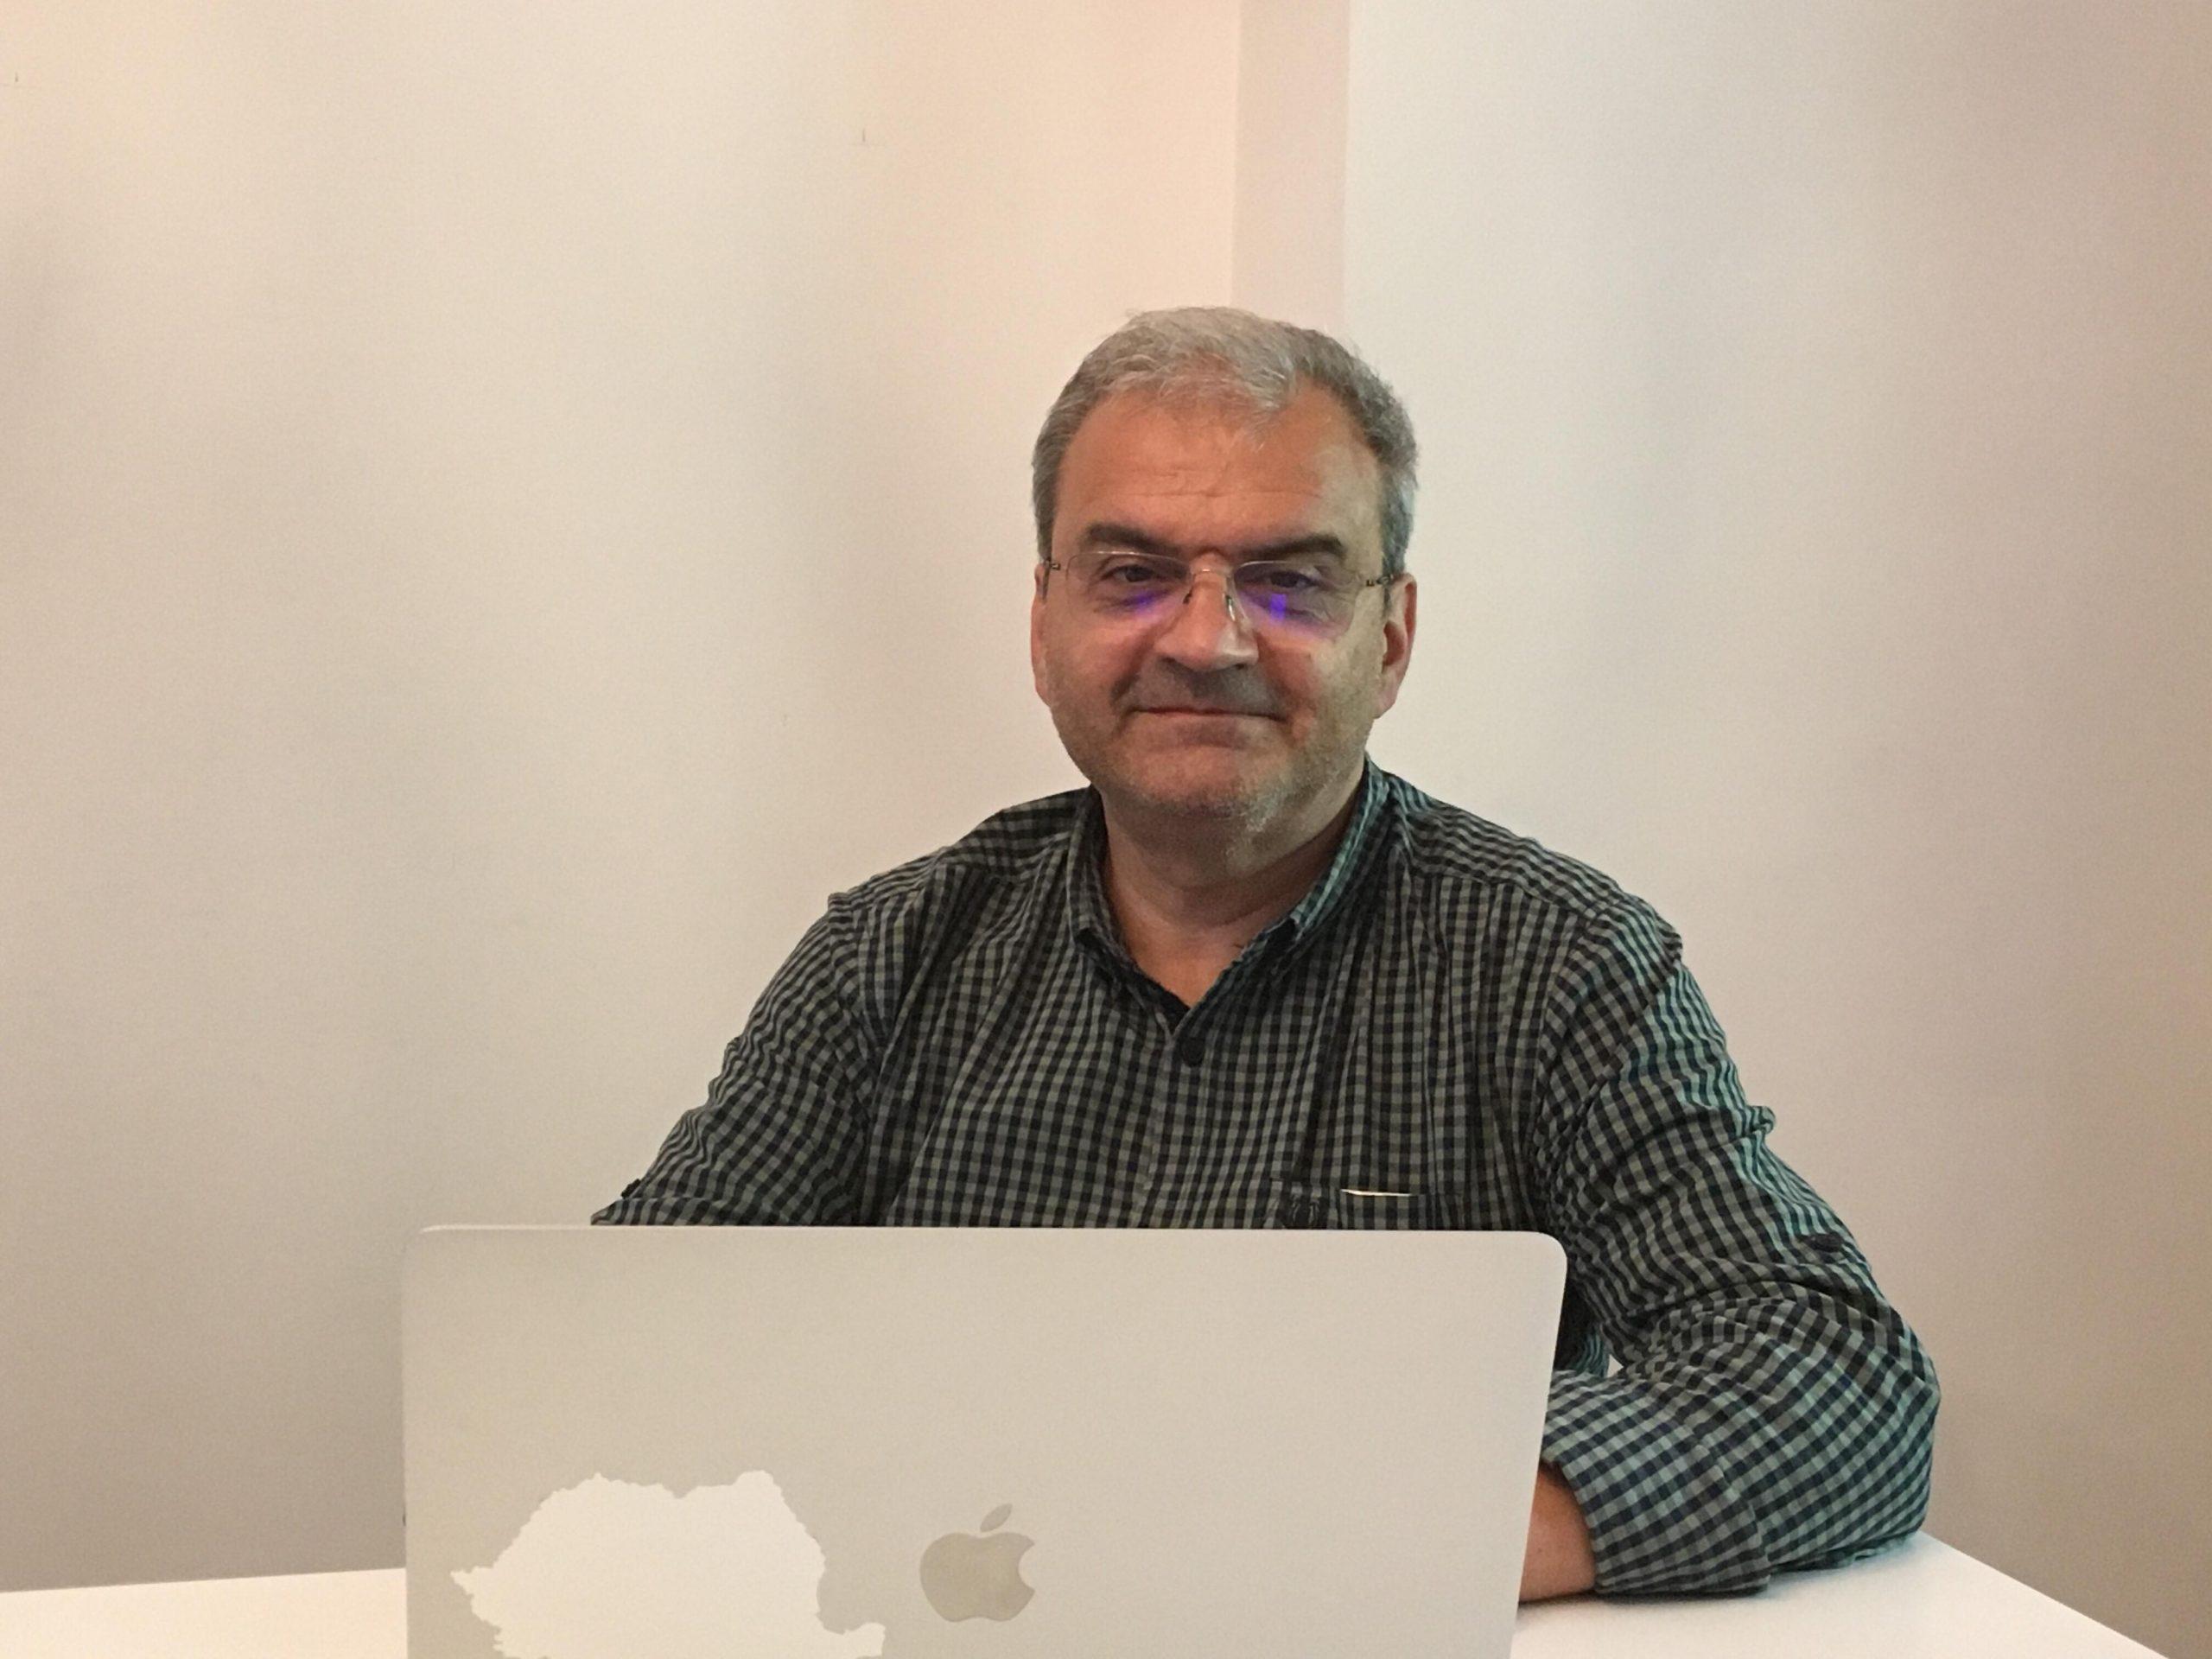 Apare un nou candidat interesant pentru Râmnic: Victor Giosan, membru în Biroul naţional al PLUS